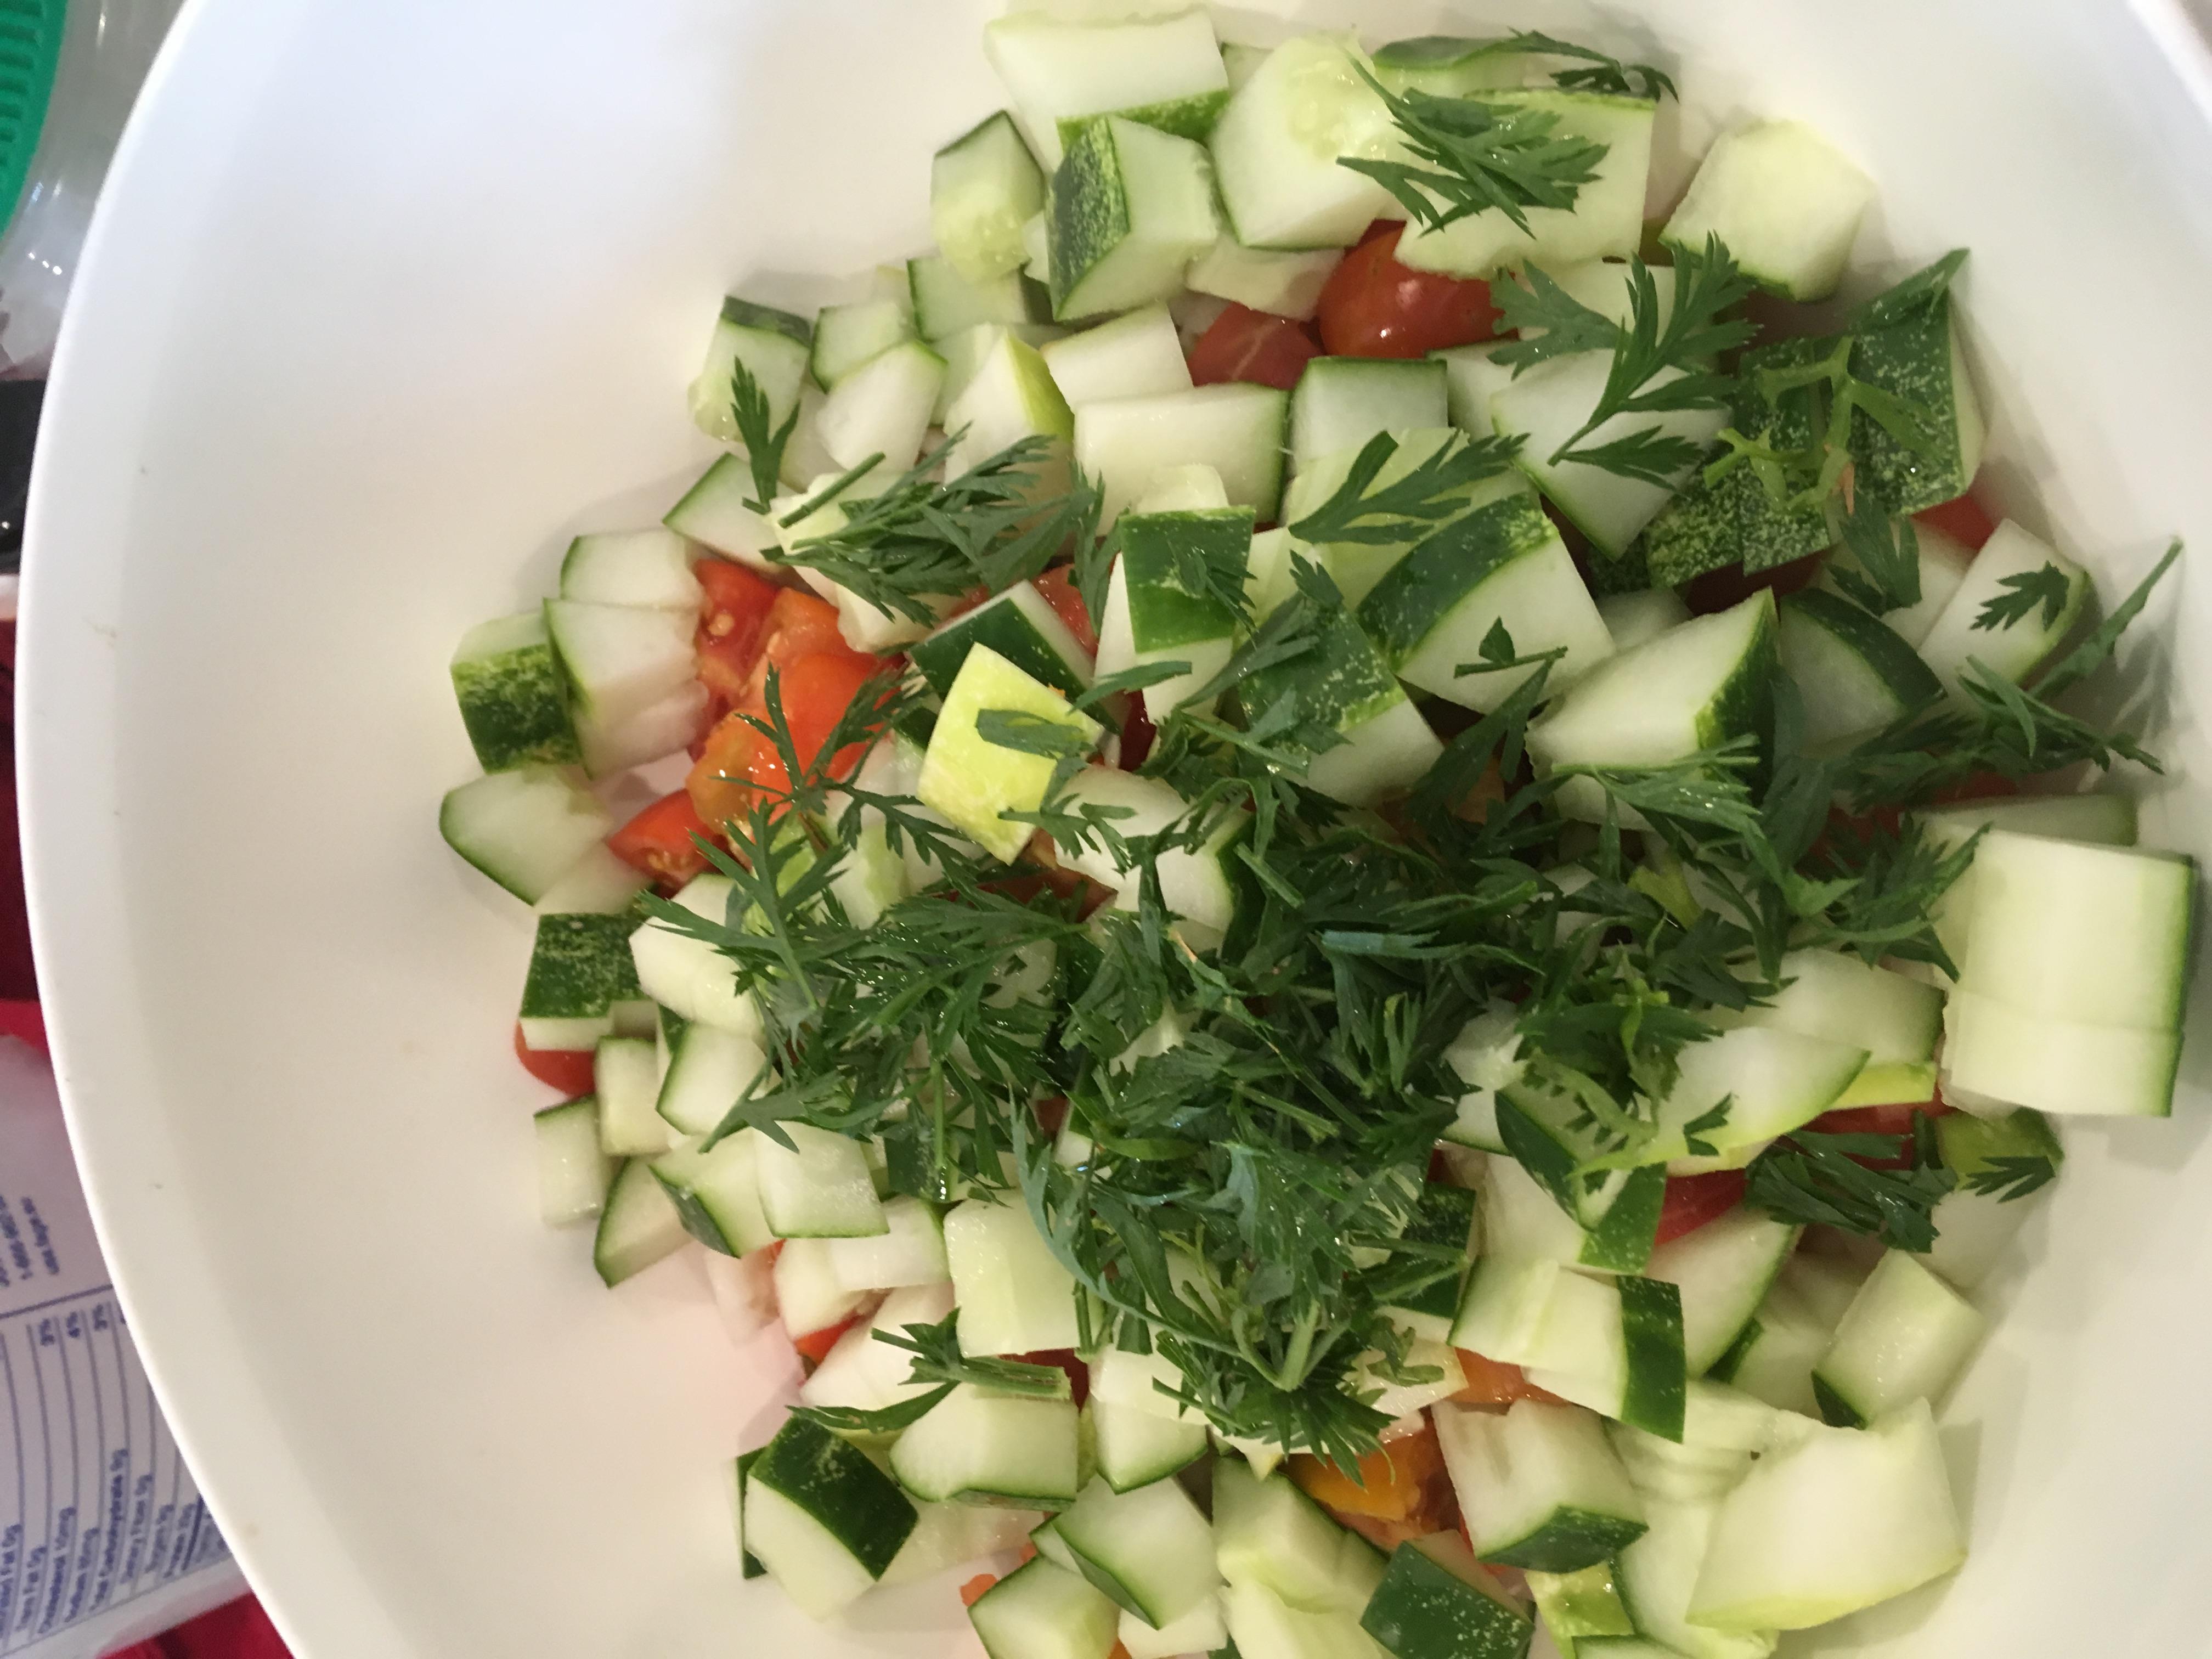 Carrot Top Tabouli Salad